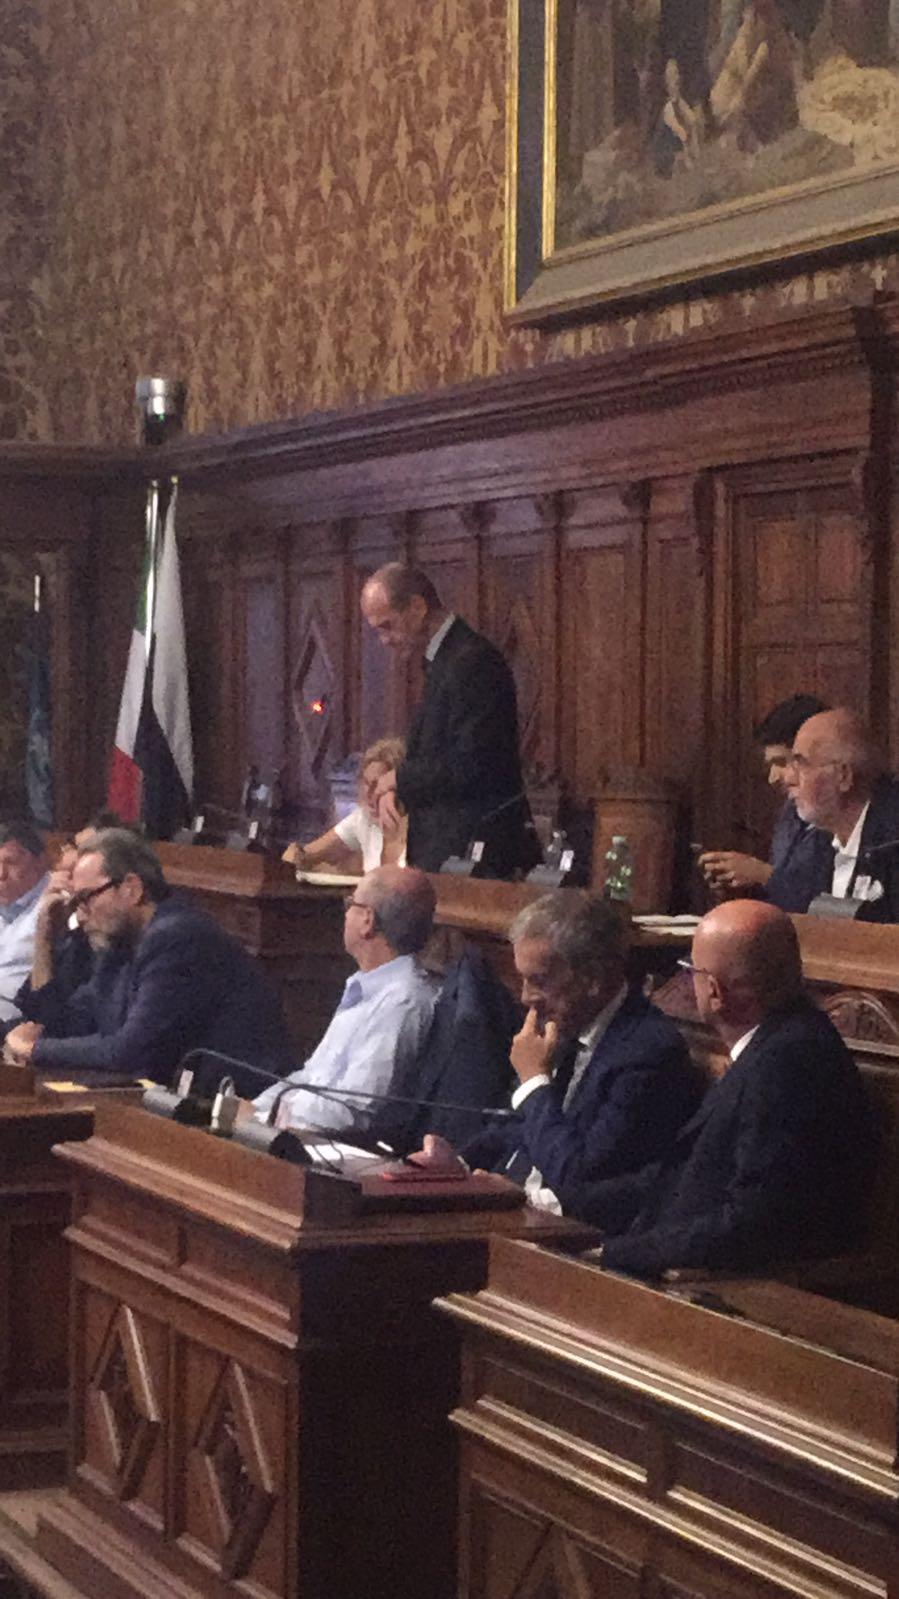 """Palio Straordinario,Straderini:""""Ho anche io dubbi, ma va rispettata la volontà dei cittadini"""""""